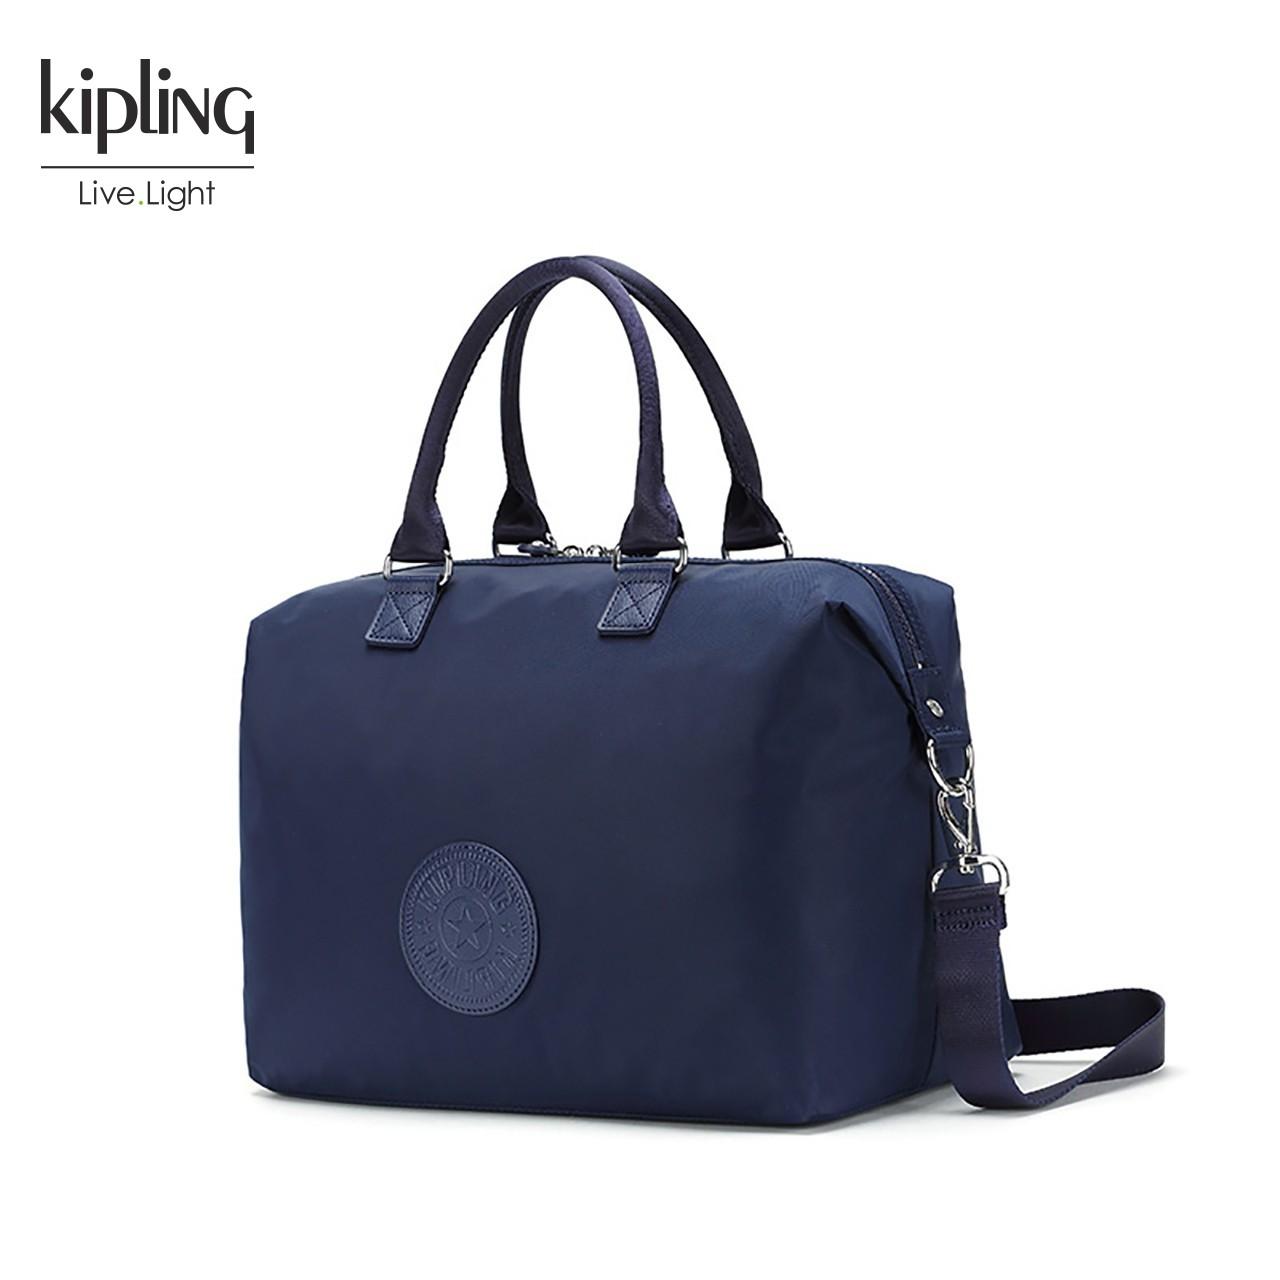 Kipling凯浦林官网2018新款简约时尚手提女包K70141简约女士背